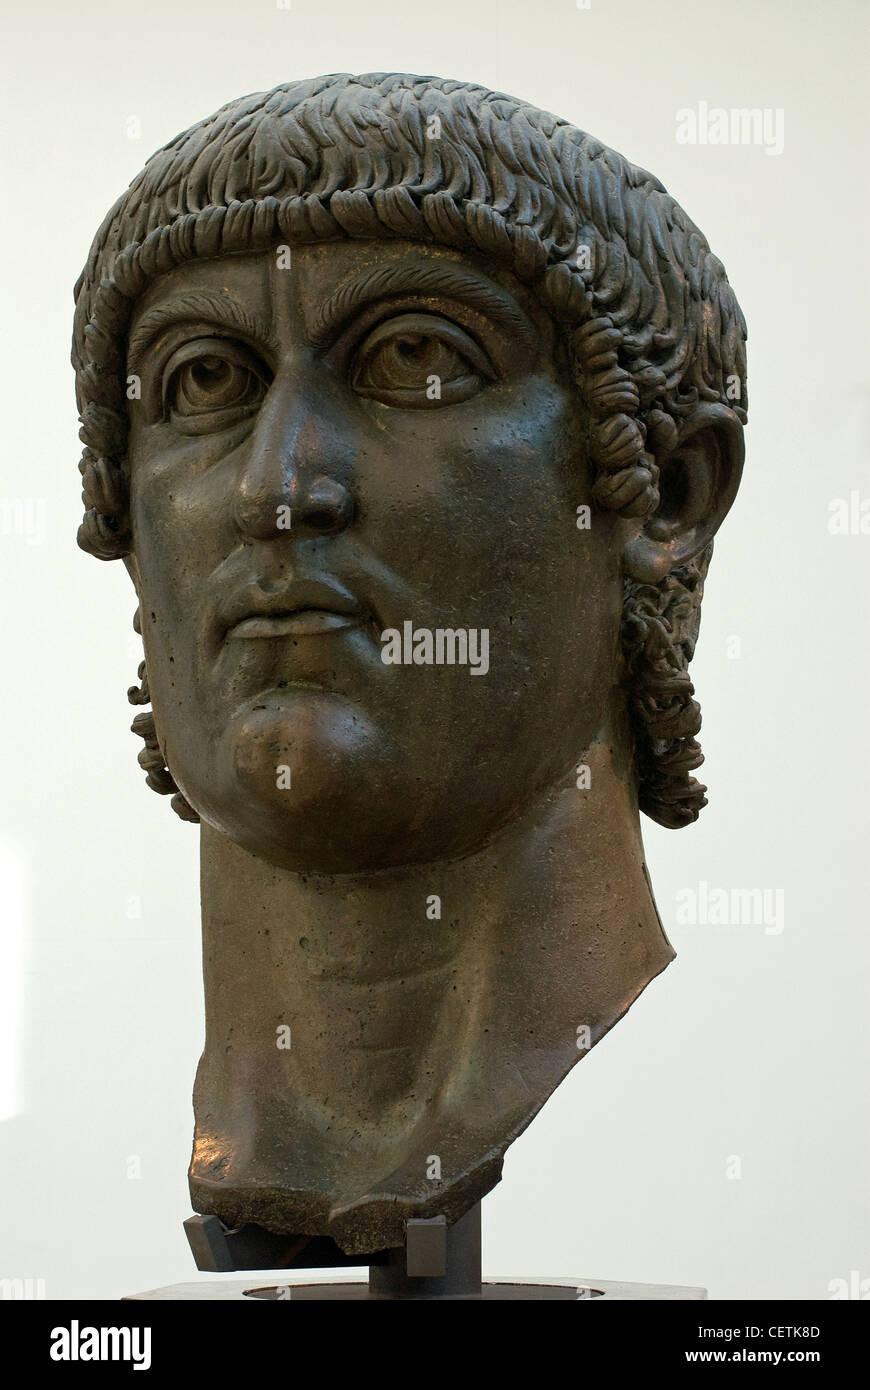 Head of Colossal Bronze Statue of Constantine, Marcus Aurelius Exedra, Palazzo dei Conservatori, Rome, Latium, Italy - Stock Image